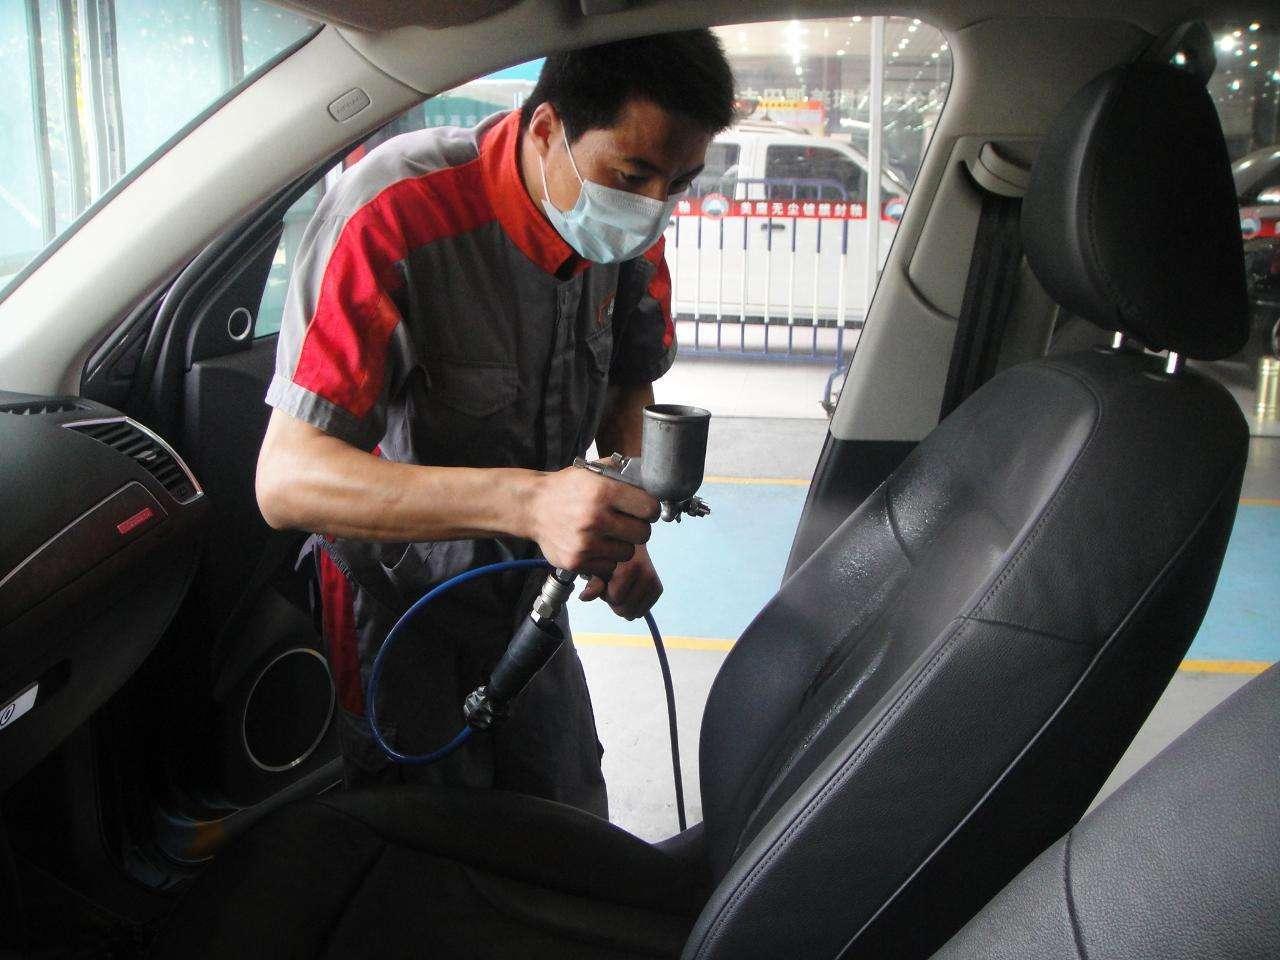 如果车只换油,买了以后就再也不保养了,会怎么样?老司机说的是实话